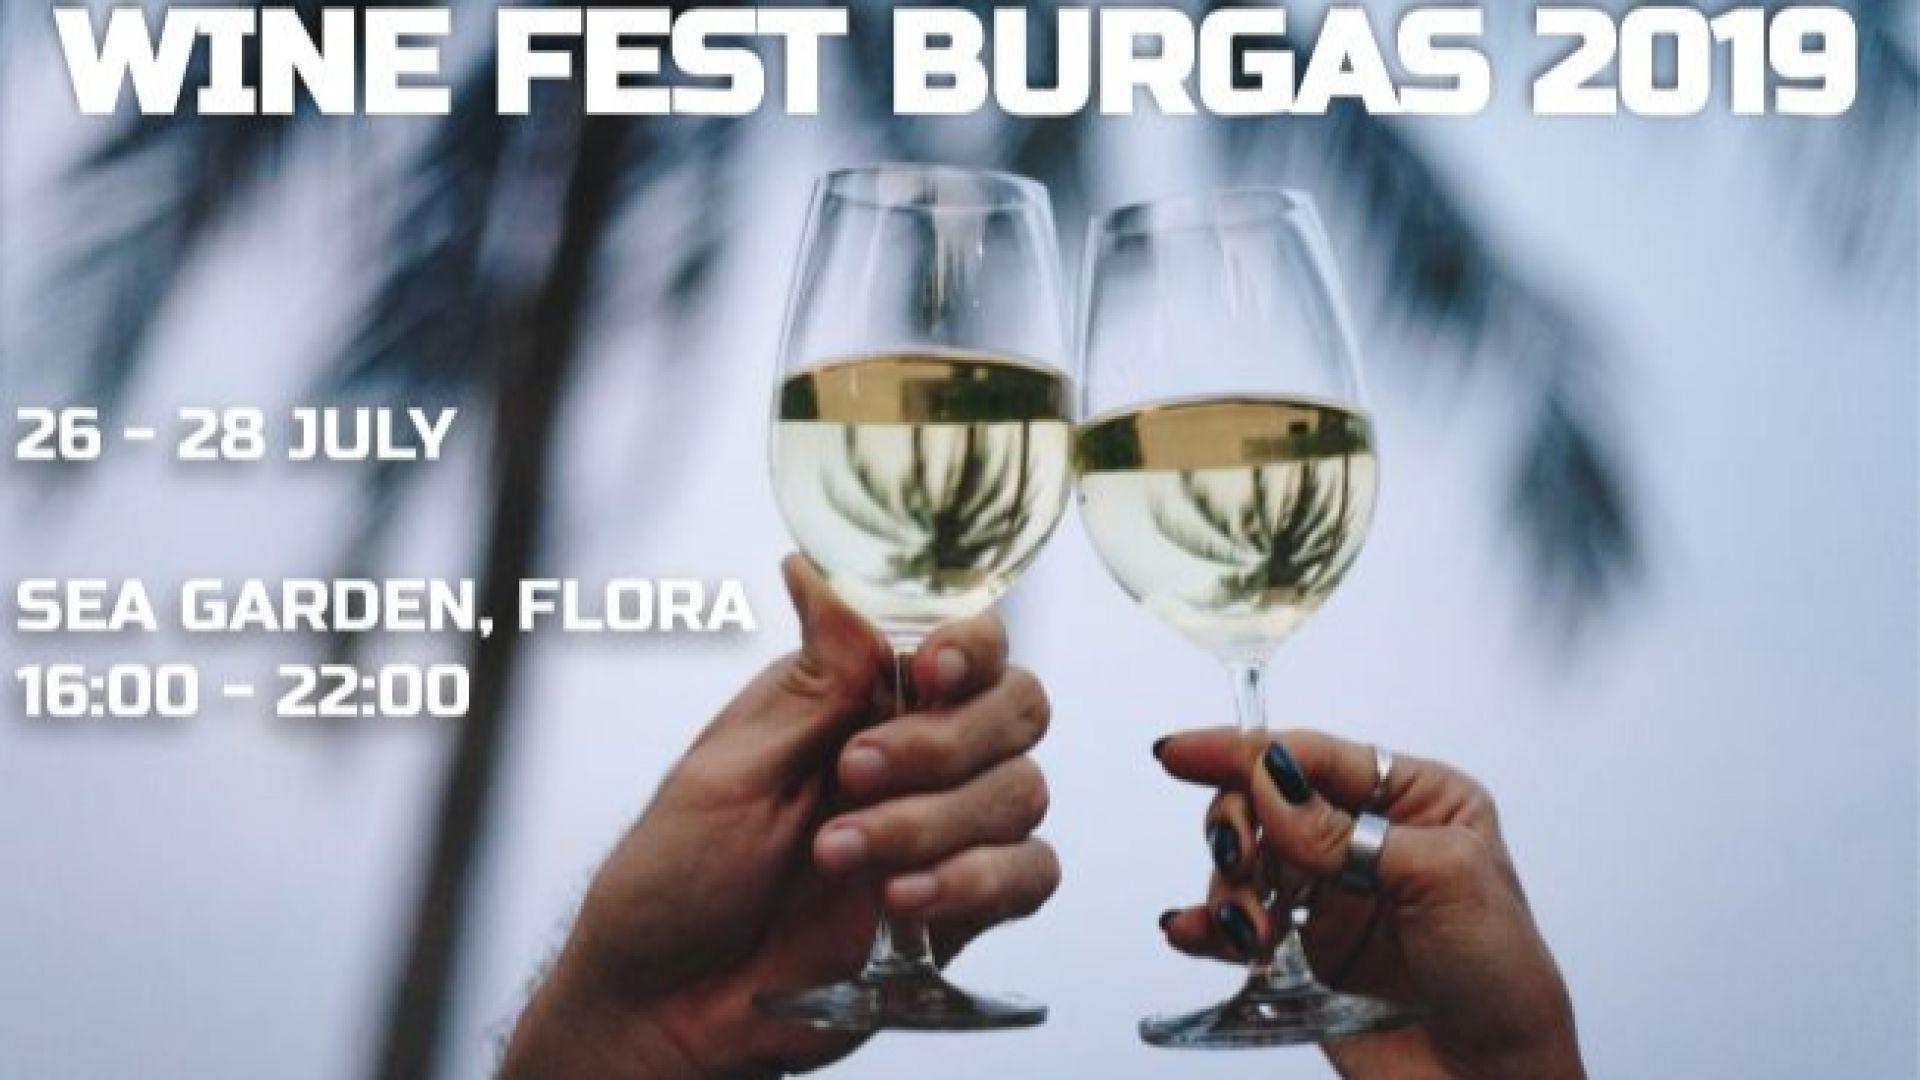 Само сега може да опитате официалните вина на Game of Thrones на Wine Fest Burgas 2019